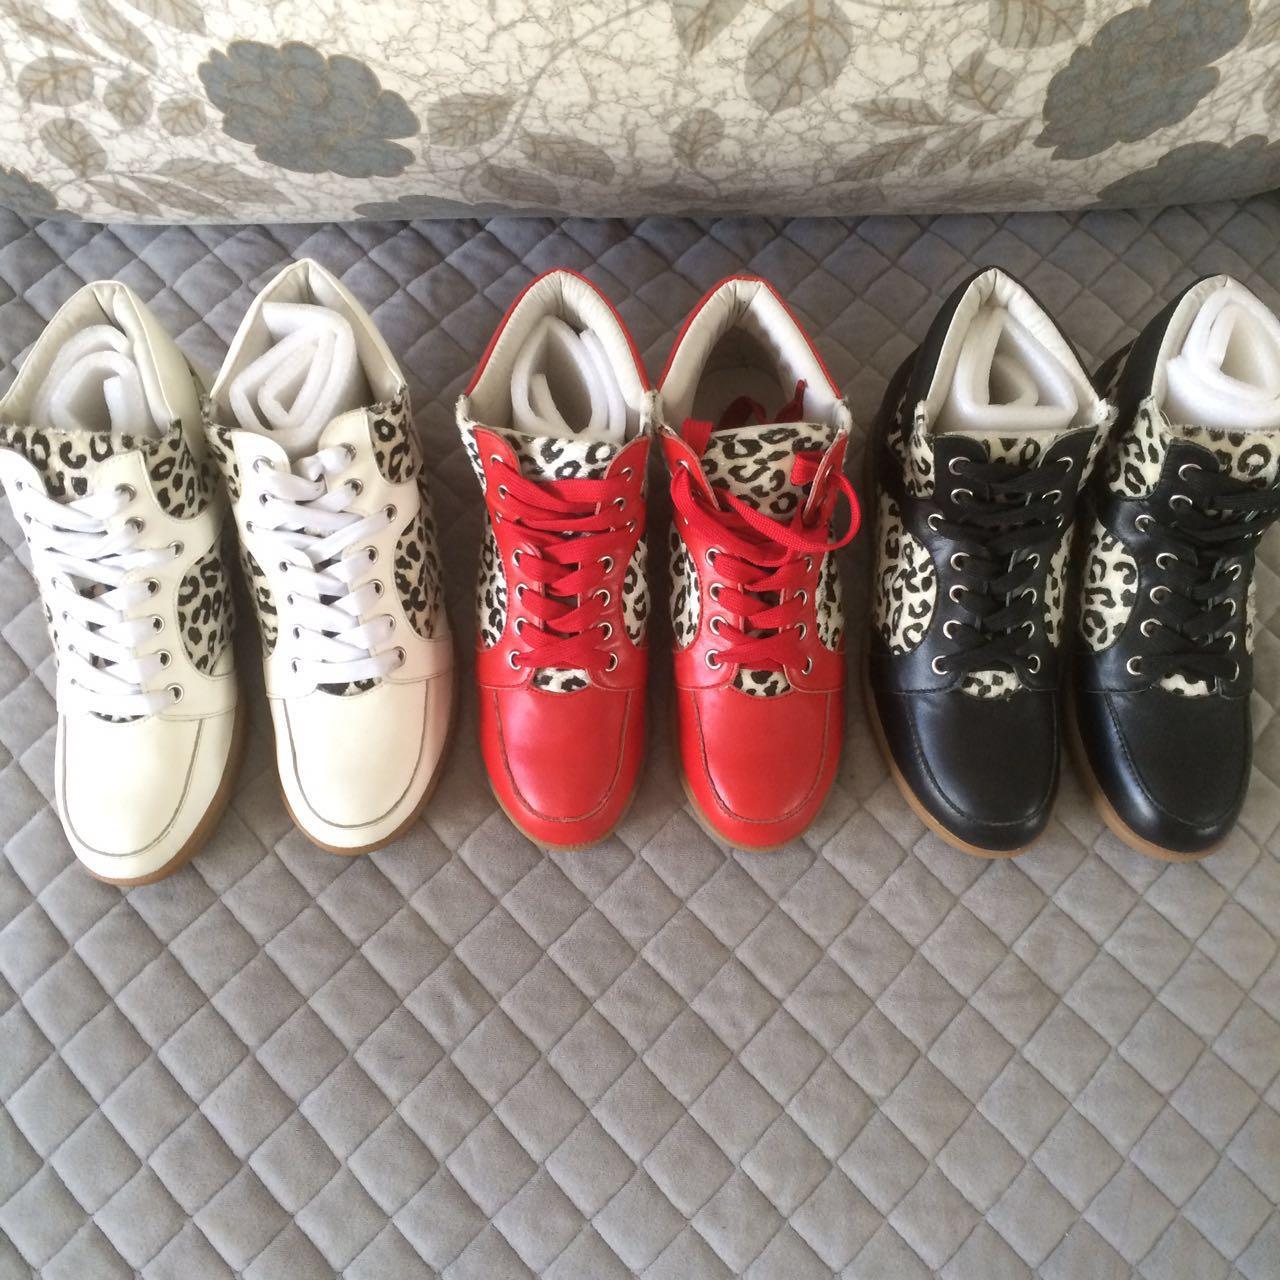 休闲豹纹坡跟鞋 断码清货 隐形内增高 休闲鞋 坡跟鞋 真皮鞋 豹纹鞋 女鞋 及裸靴_推荐淘宝好看的女休闲豹纹坡跟鞋